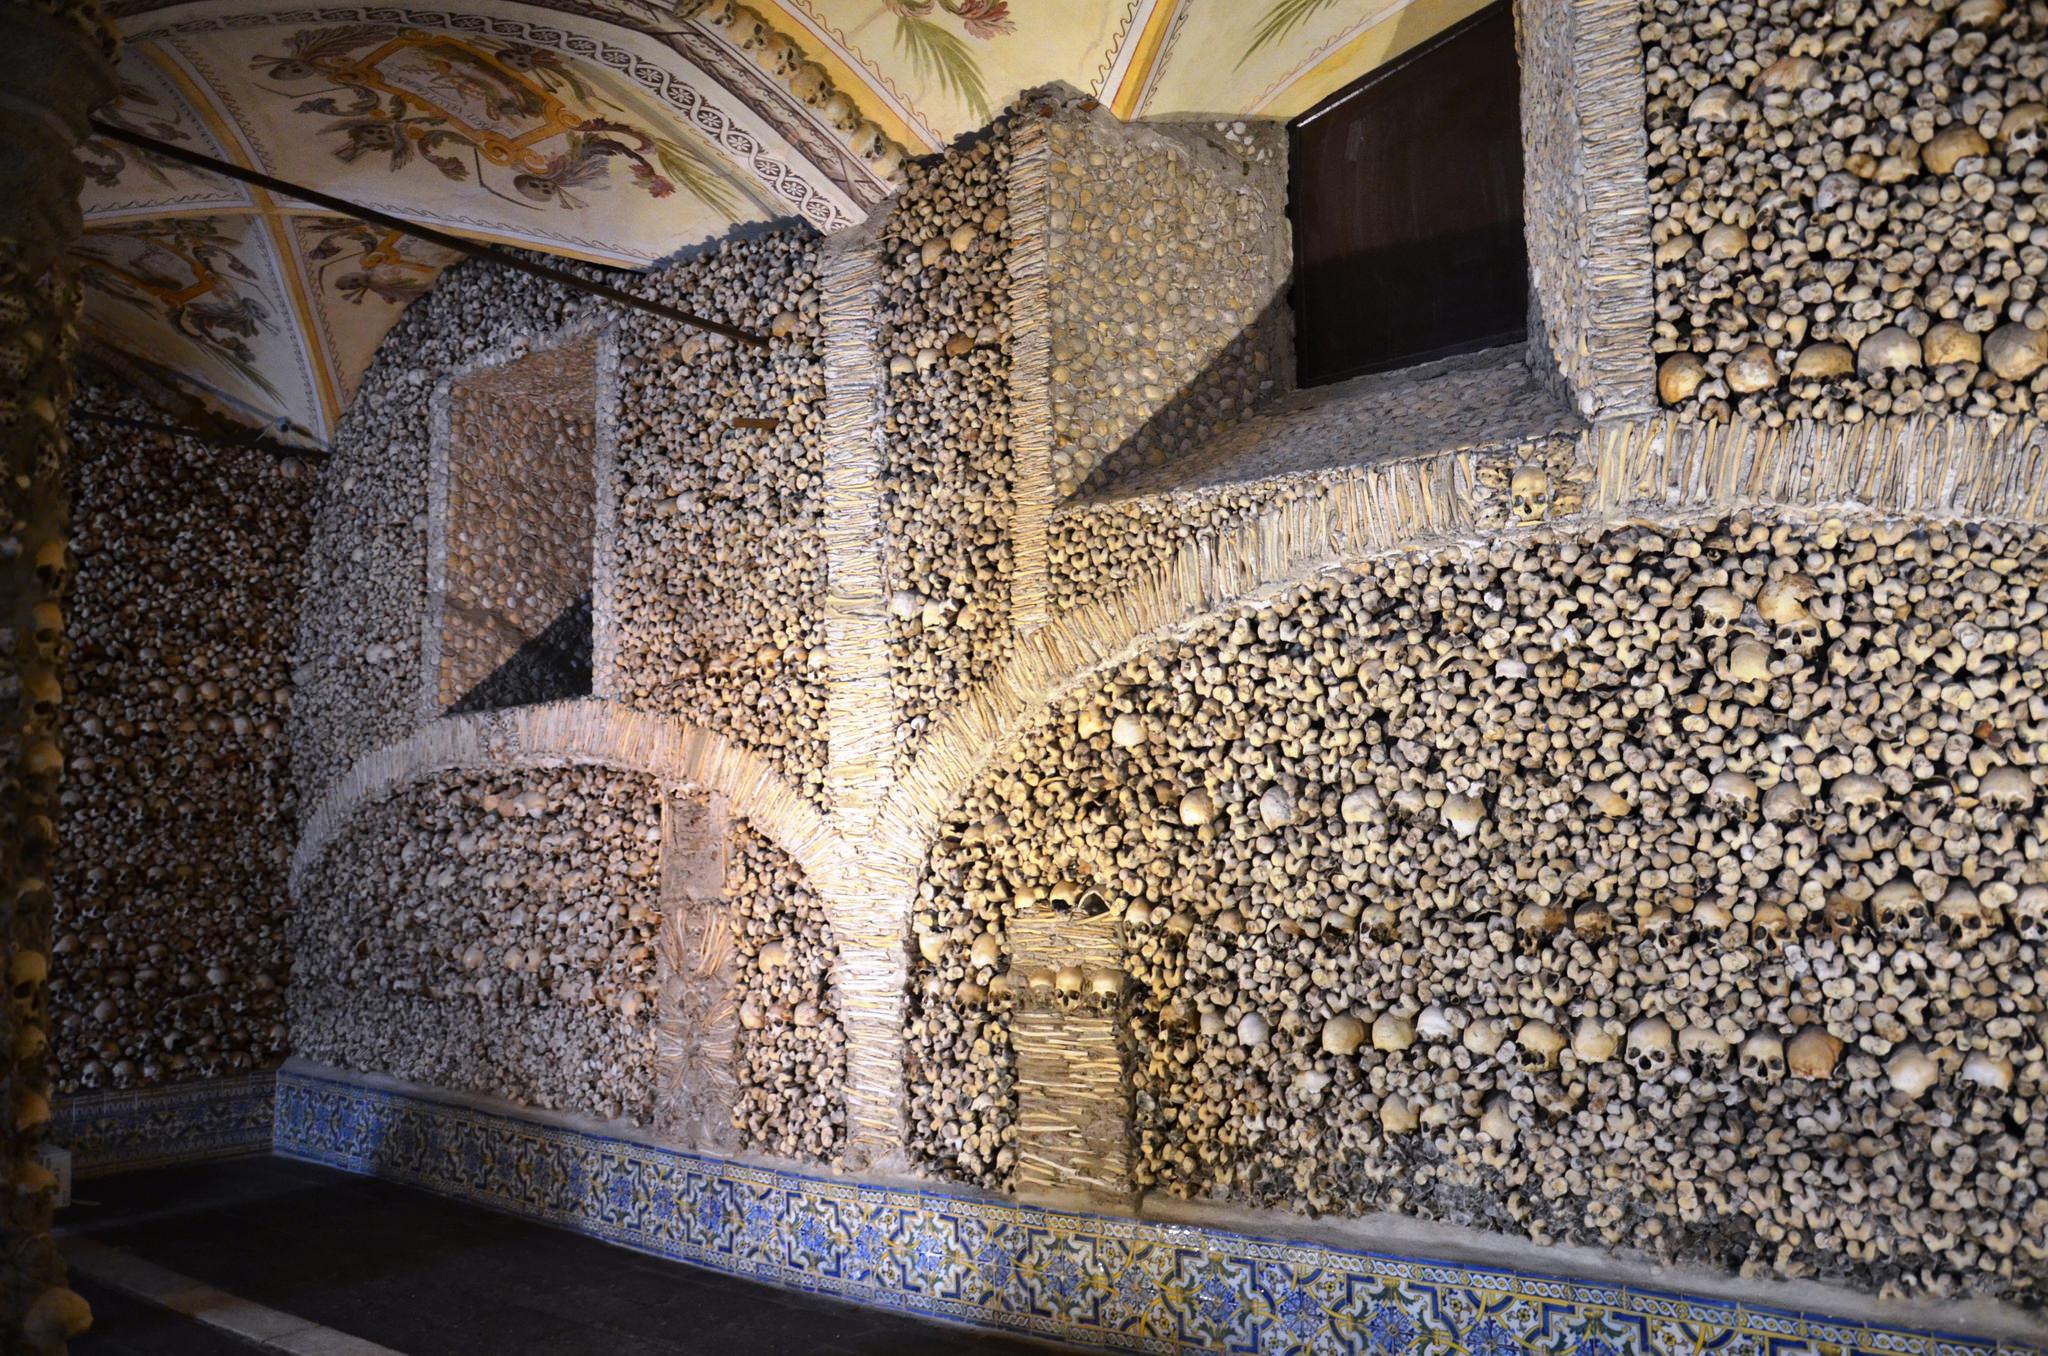 Capela dos osos, skull and bones chapel in Evora, Portugal